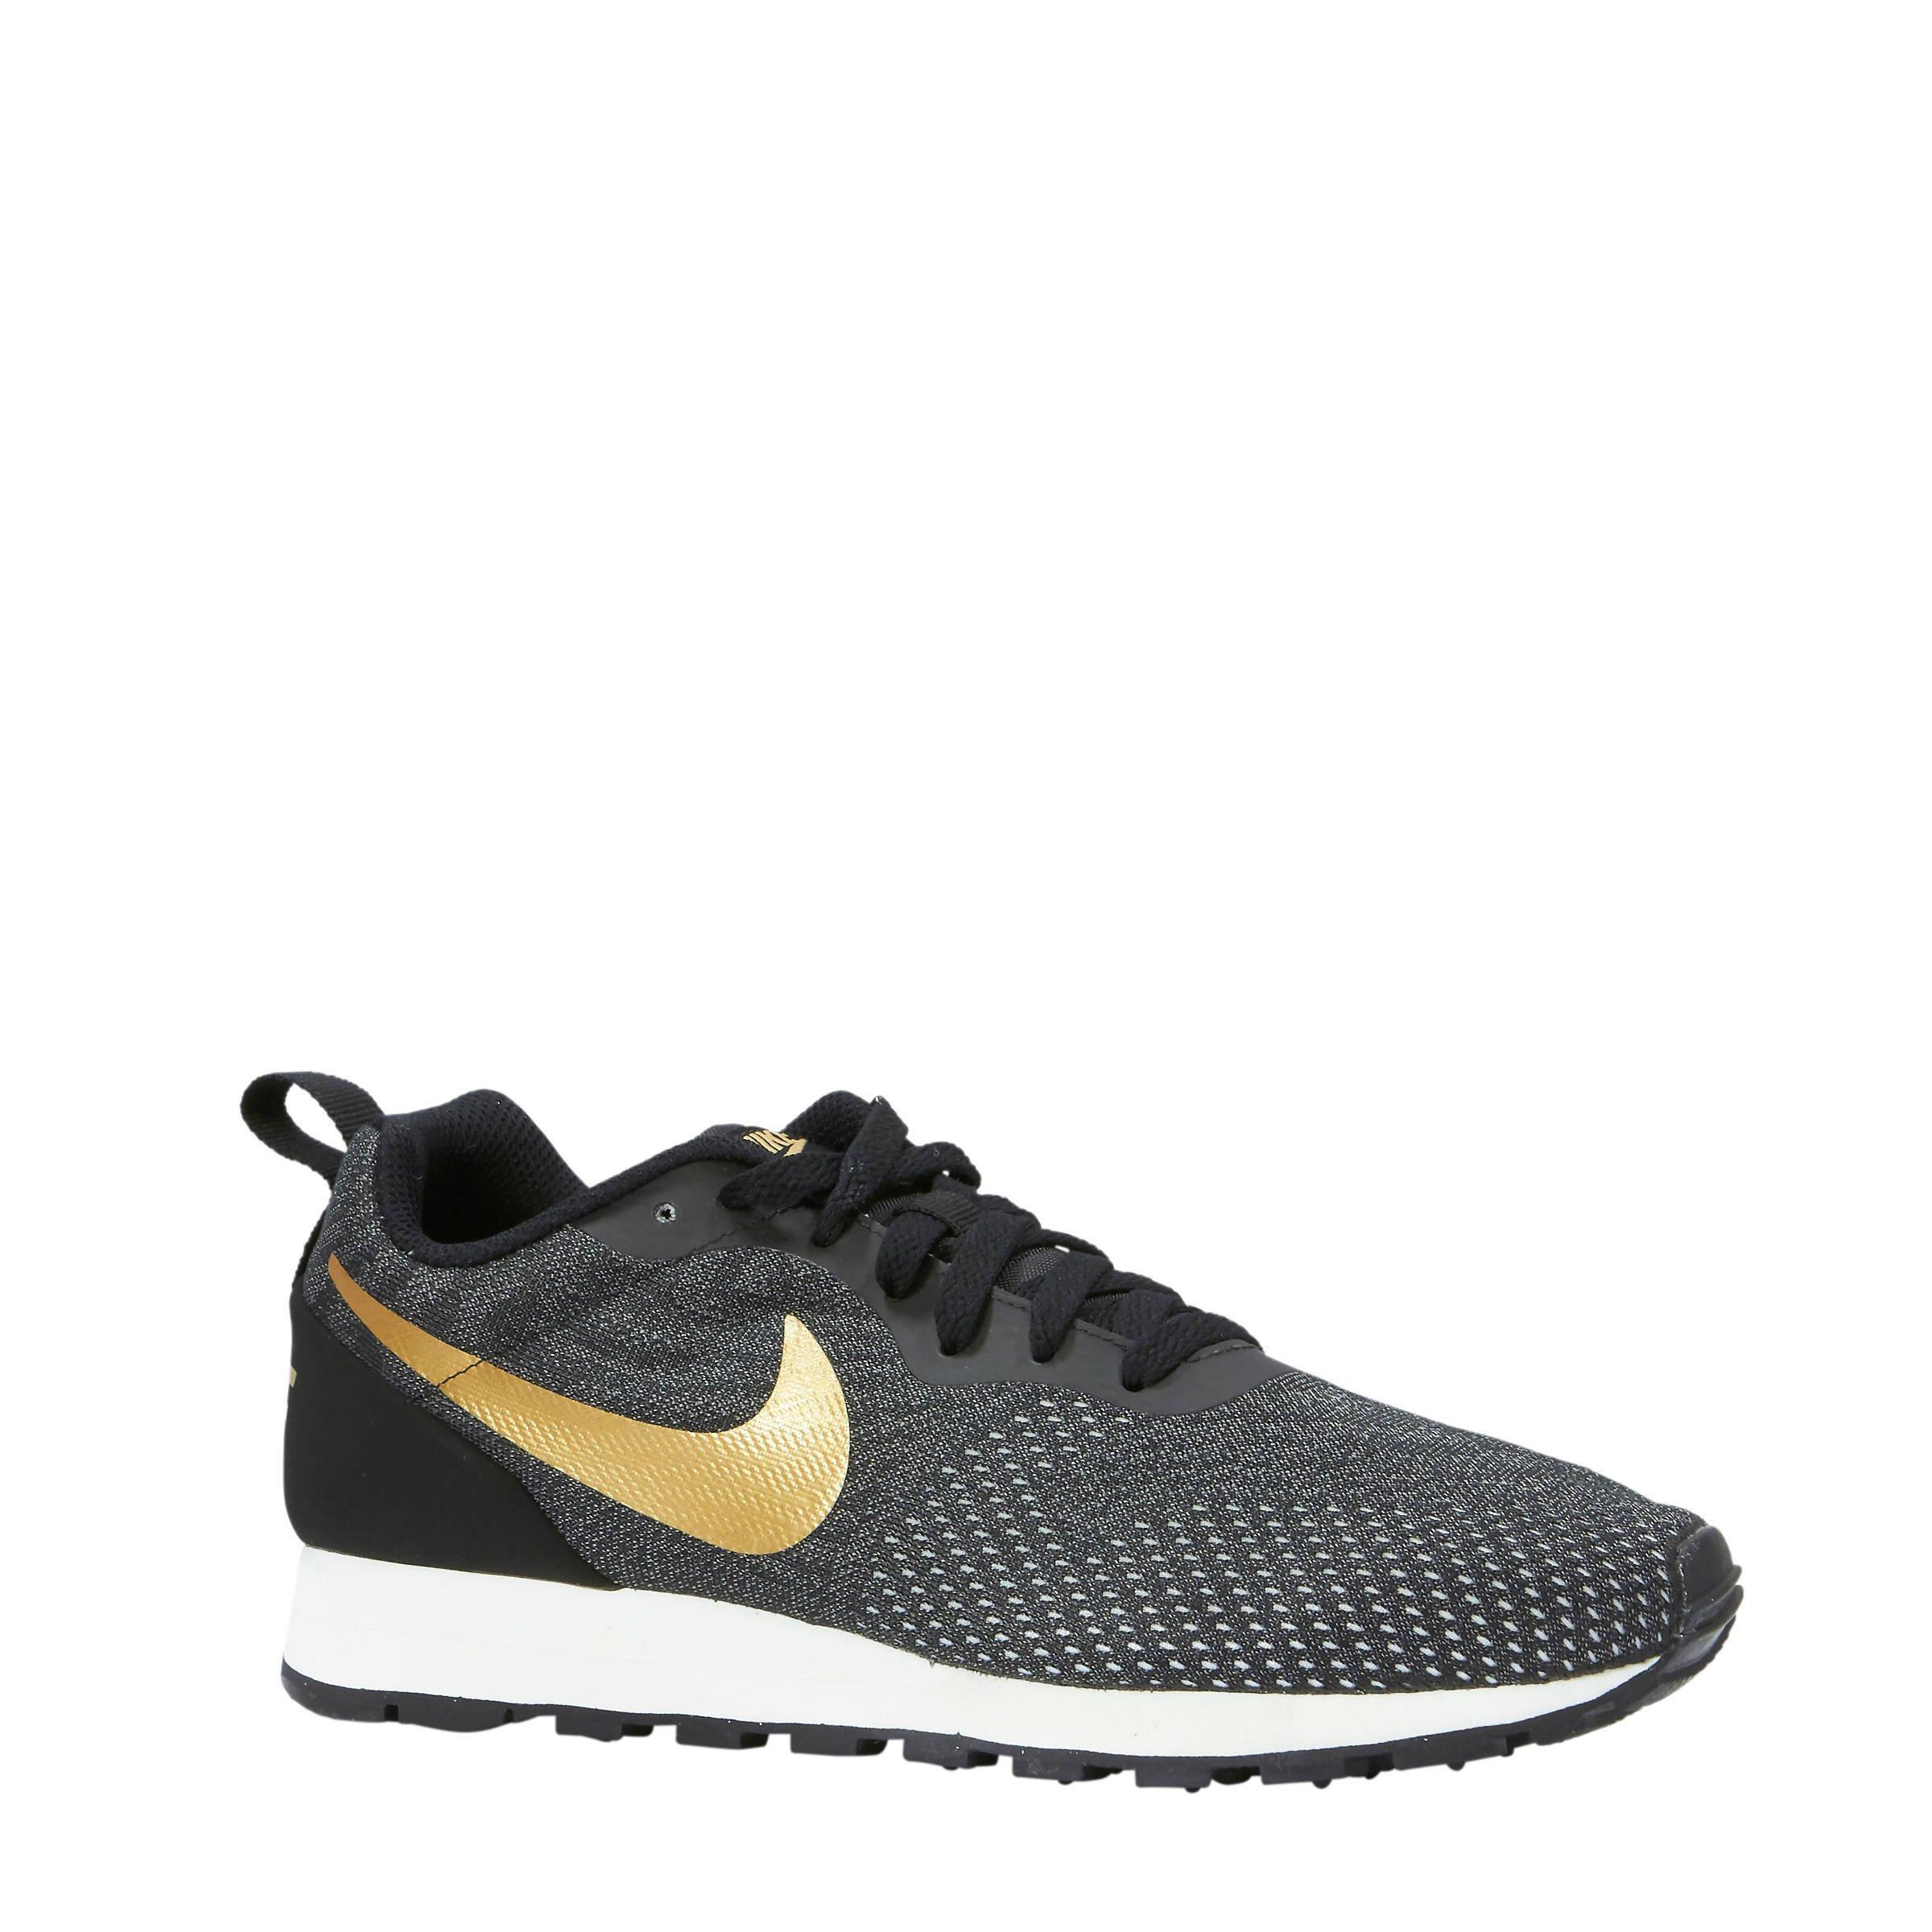 e11329bdb58f nike-md-runner-2-eng-mesh-sneakers-zwart-zwart-0191887943938.jpg